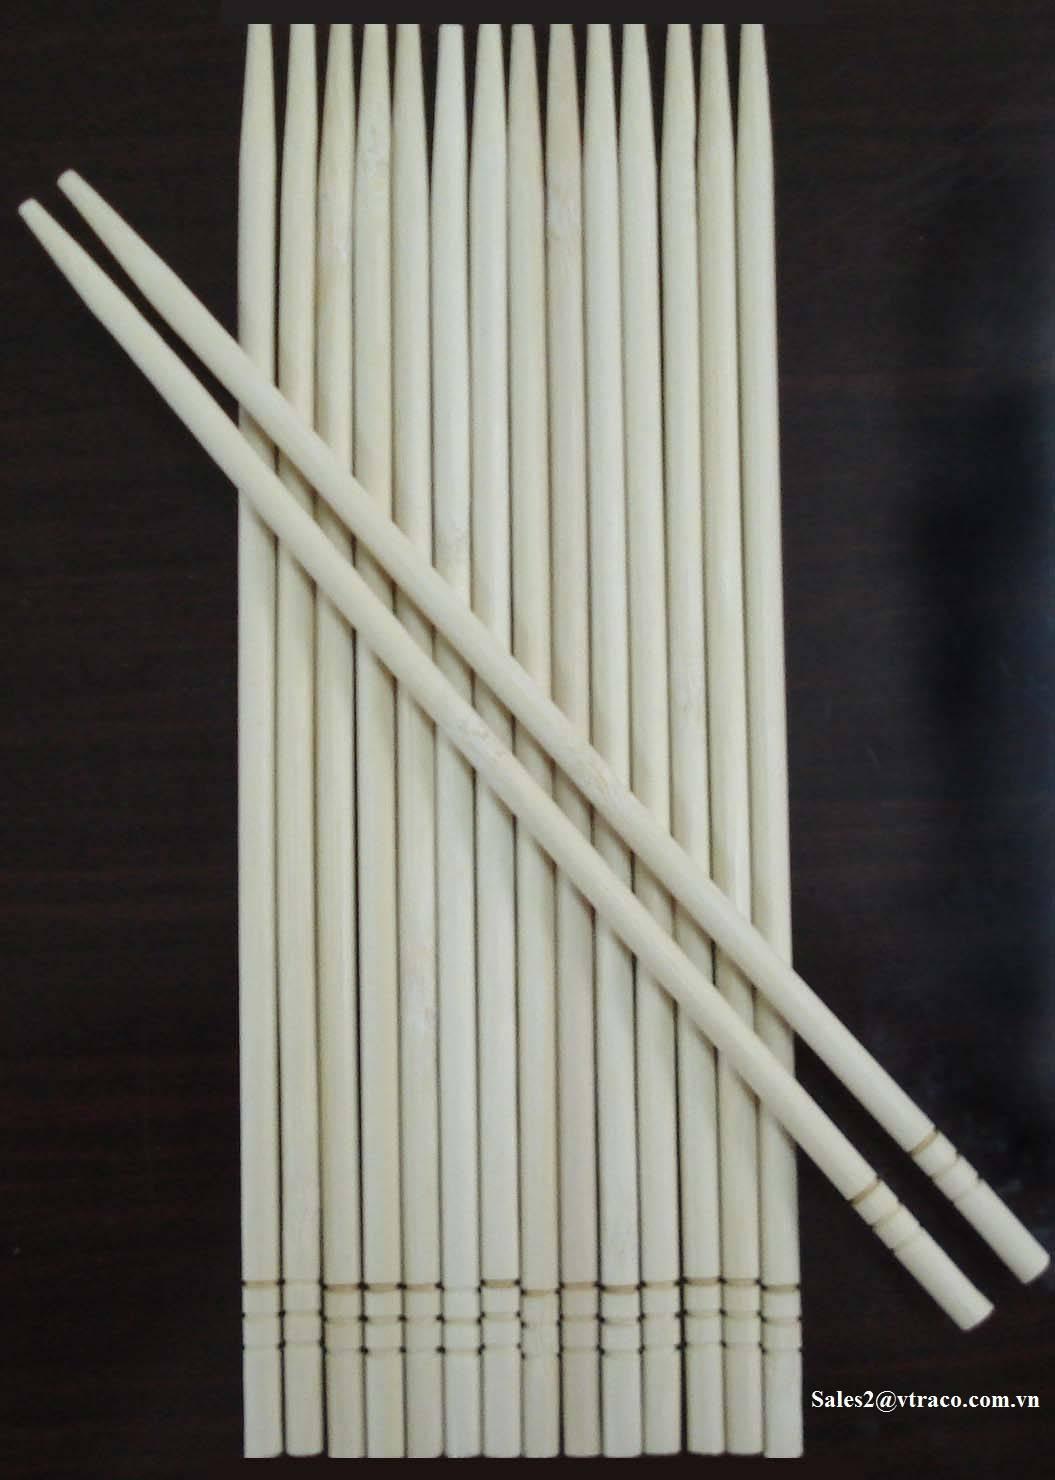 Bamboo chopsticks